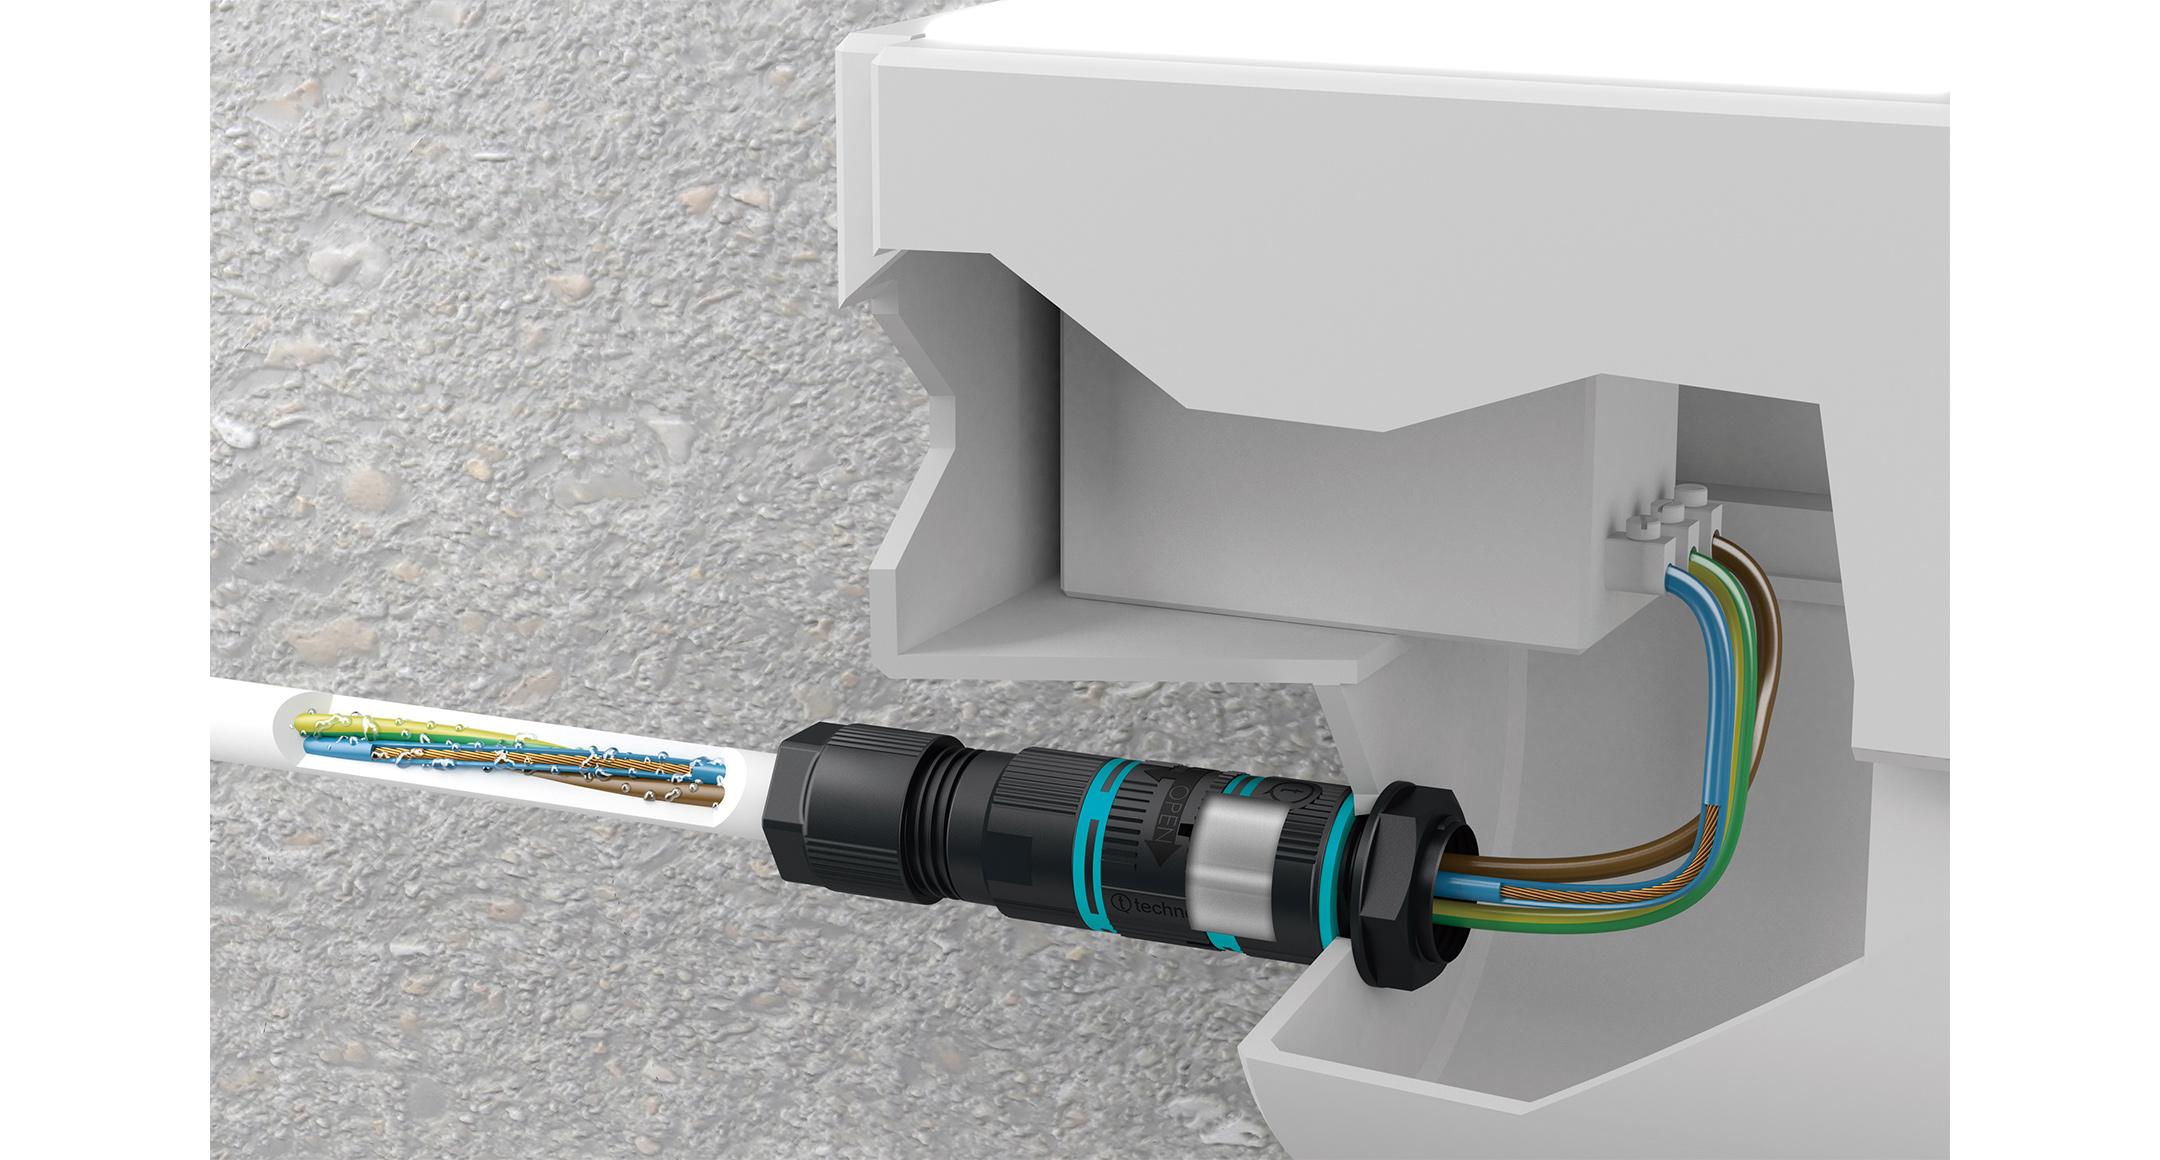 UL認証 パネルマウント防水コネクタ THB387LEシリーズの画像